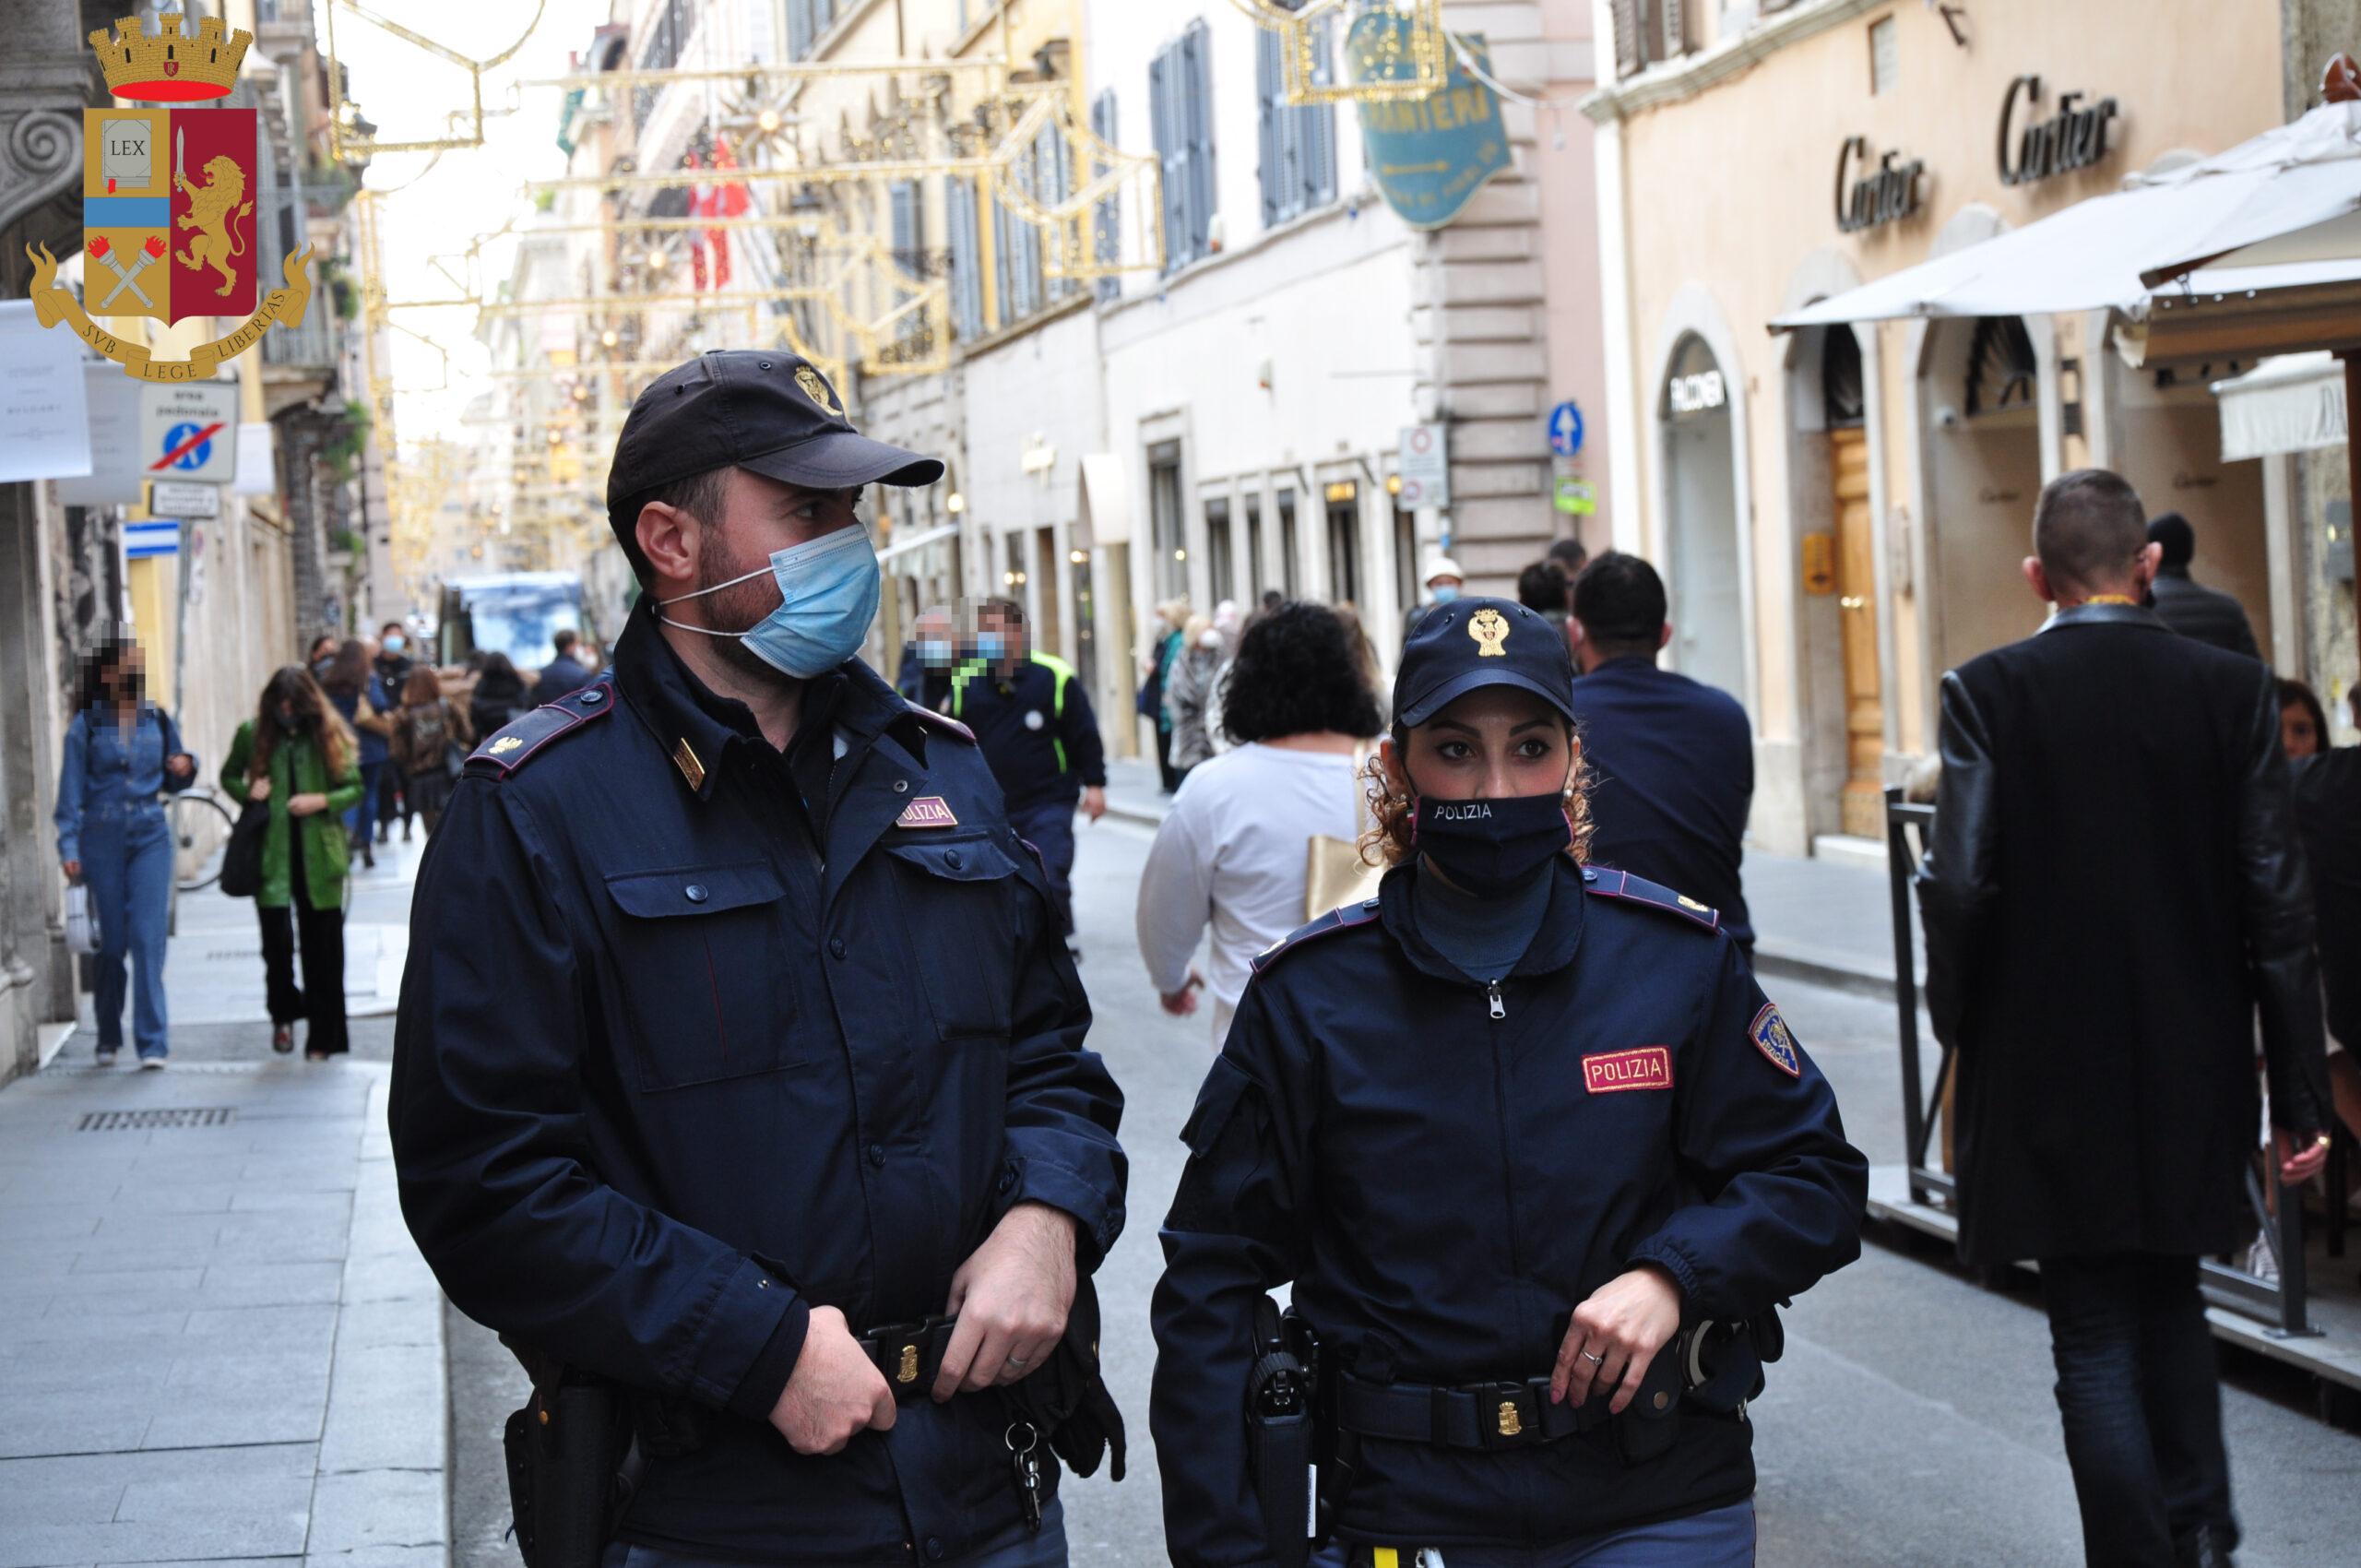 Nel Lazio Coprifuoco E Locali Chiusi Alle 18 Fino A Primavera Radio Colonna